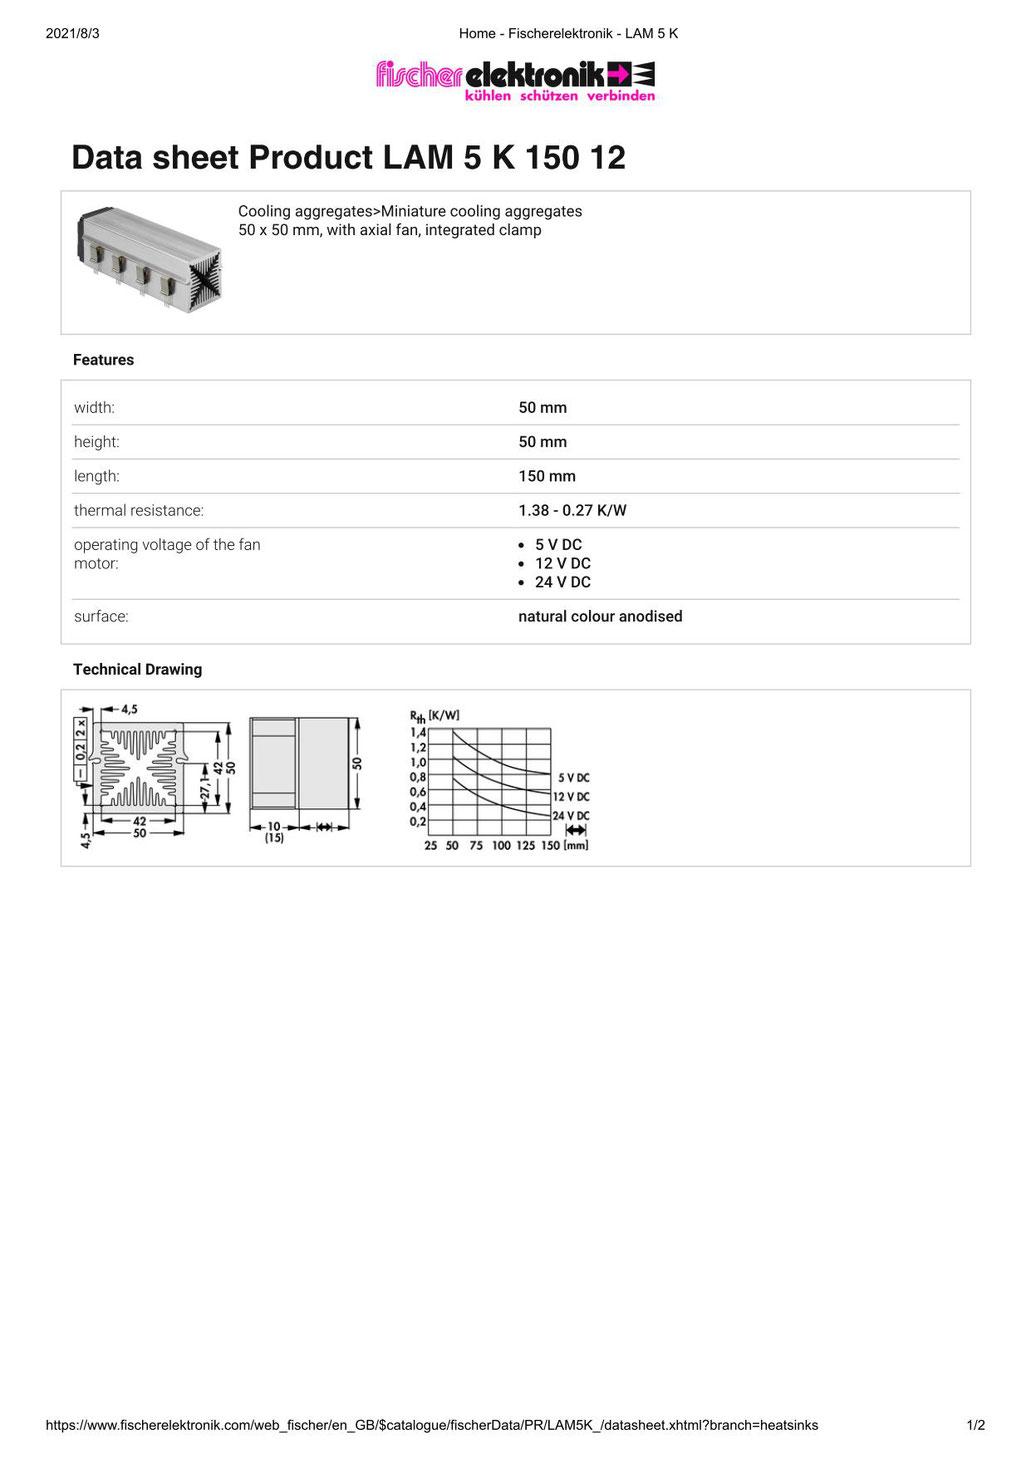 LAM 5 K 150 12 Fischer /フィッシャー 軸流ファン付 ヒートシンク